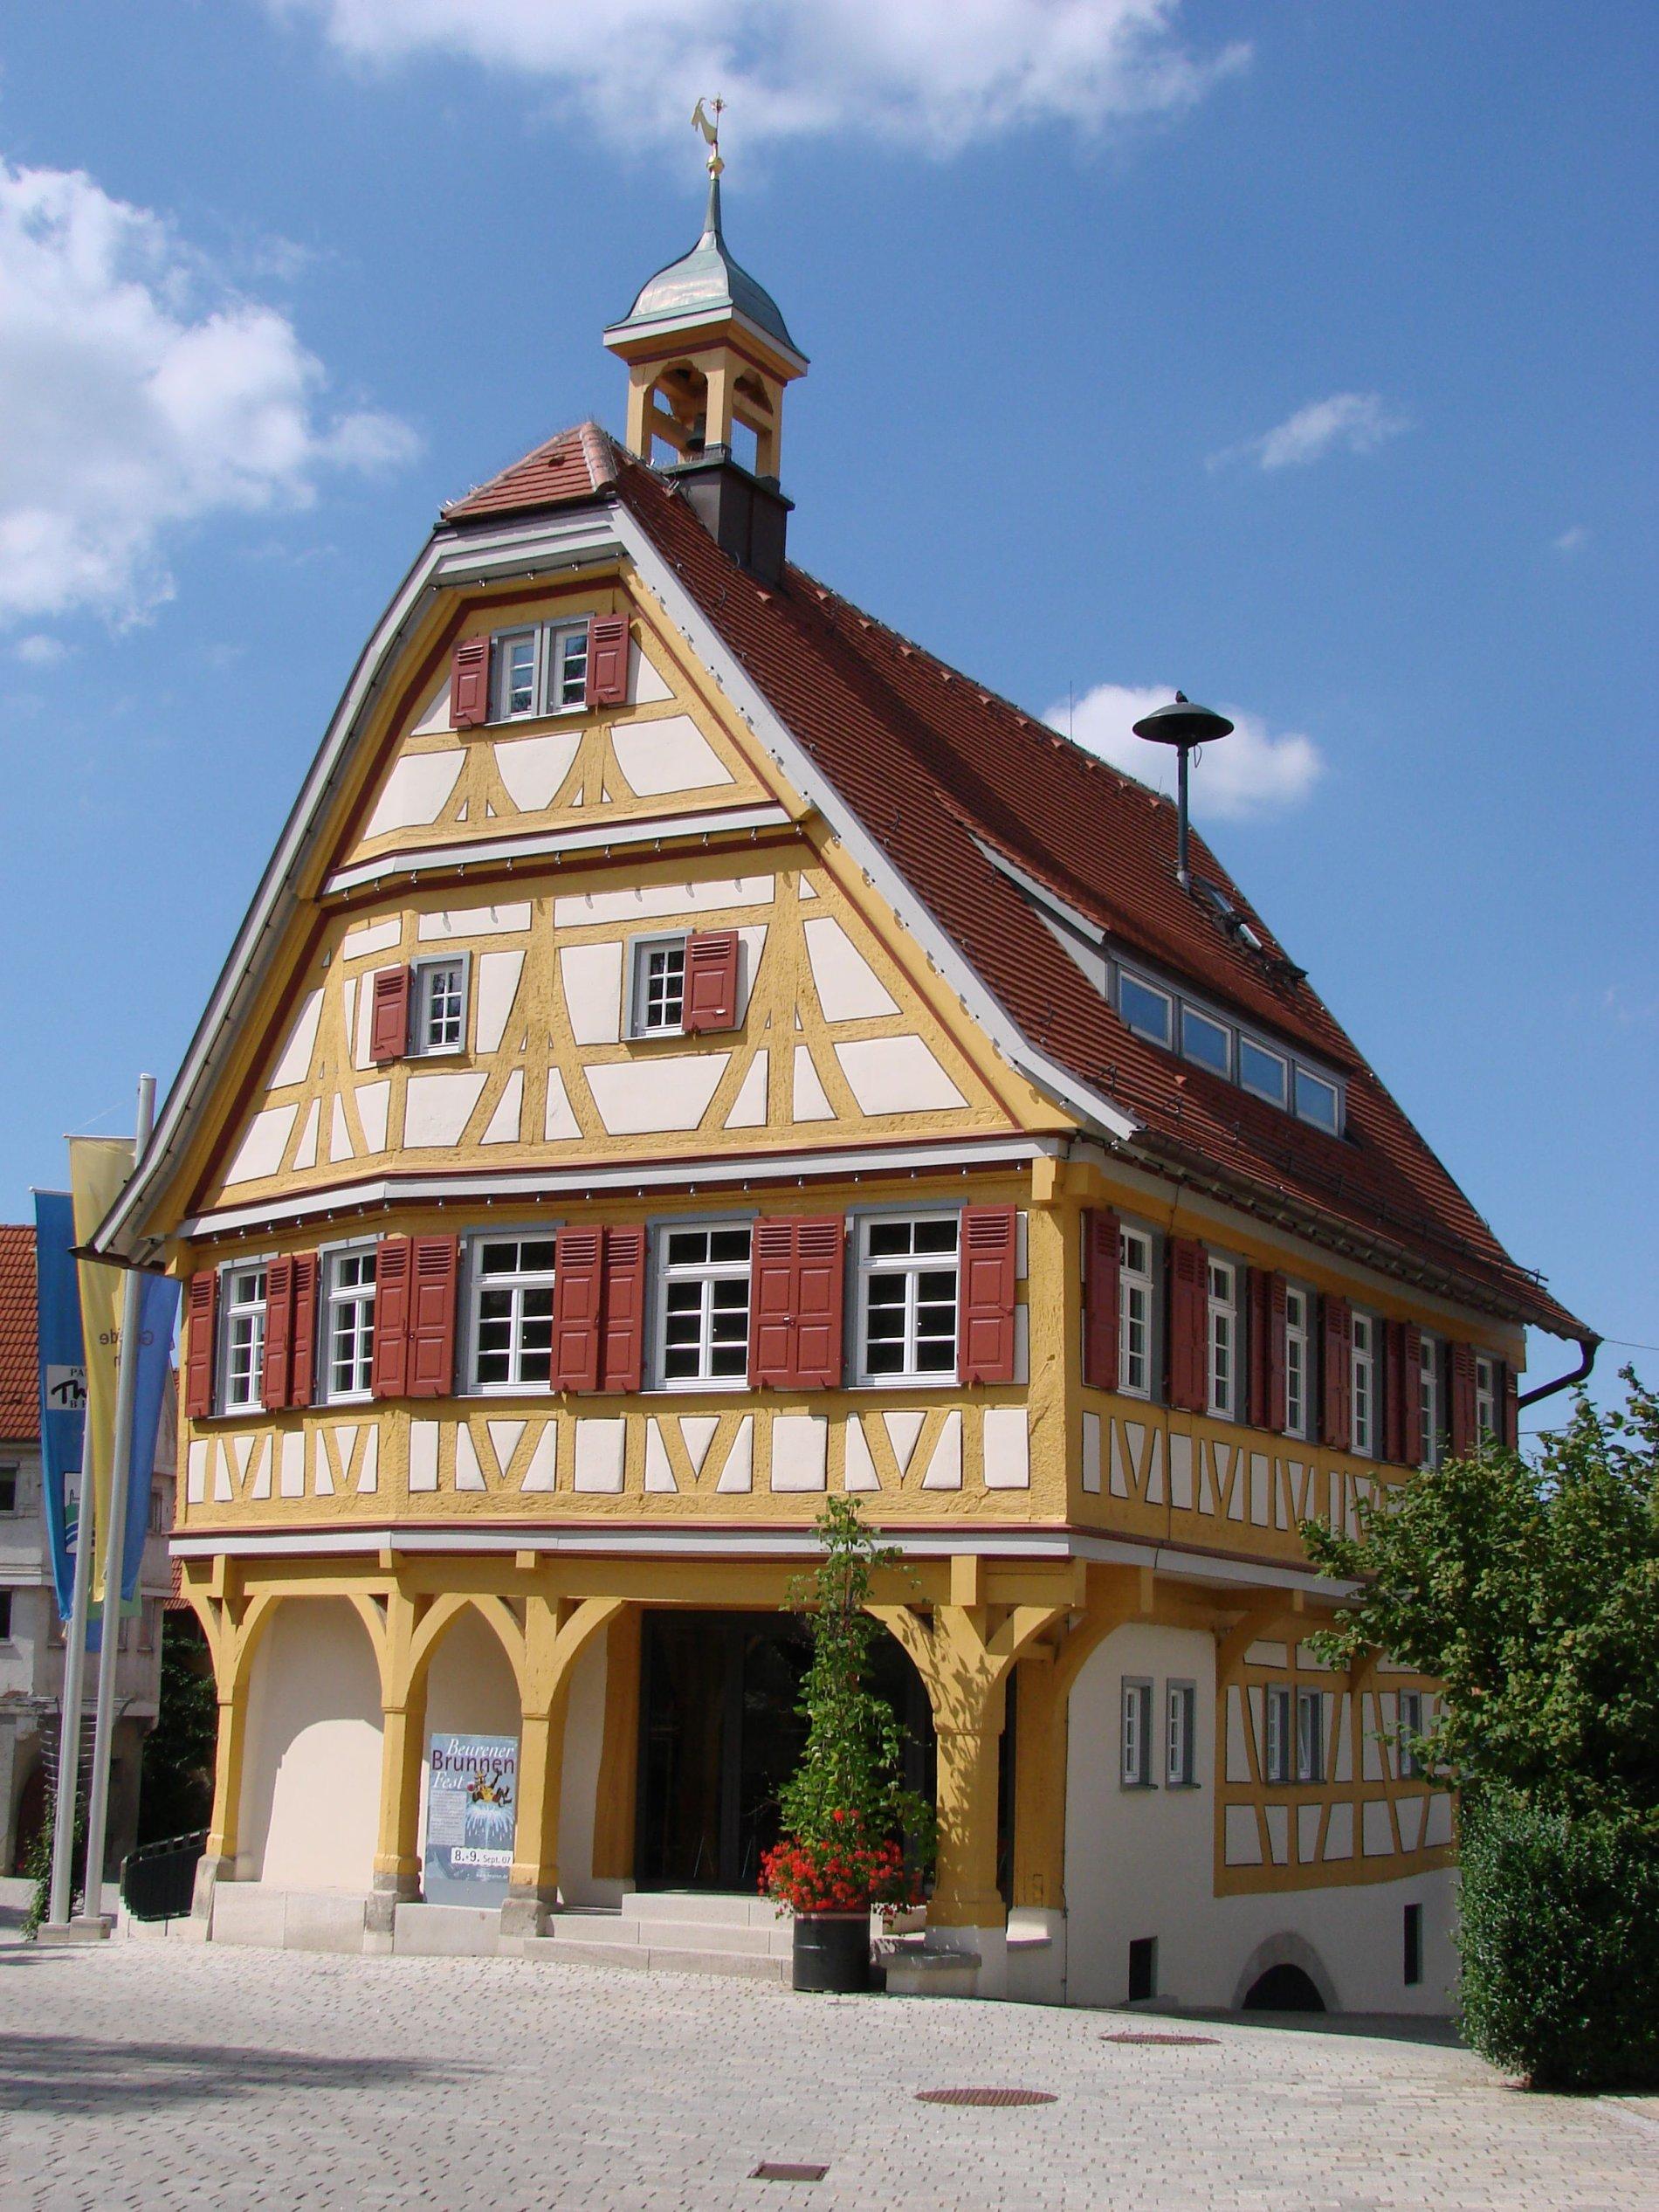 Blick auf die Nikolauskirche und das alte Rathaus in Beuren